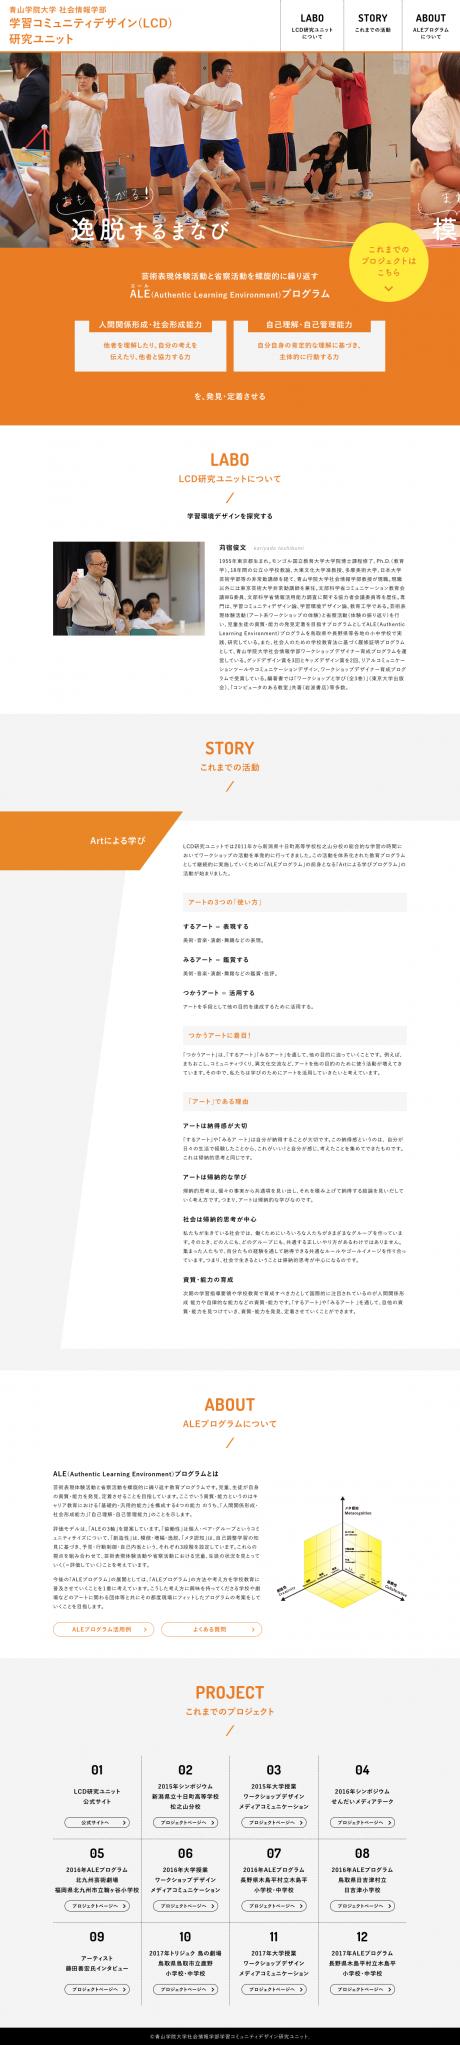 学習コミュニティデザイン(LCD)研究ユニット